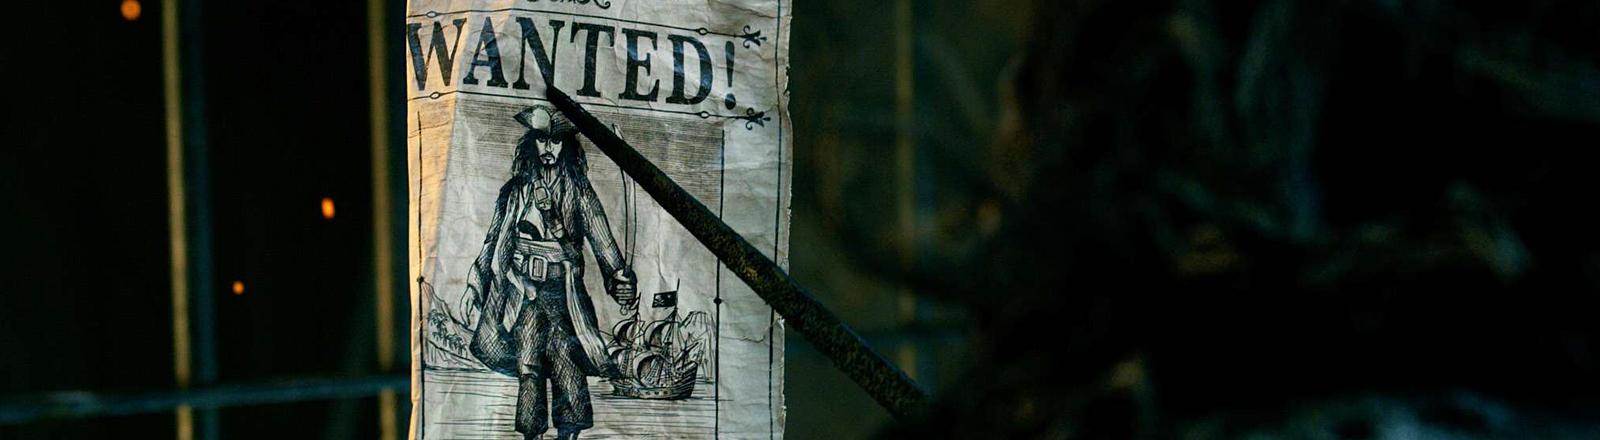 Fahndungsplakat für einen Piraten